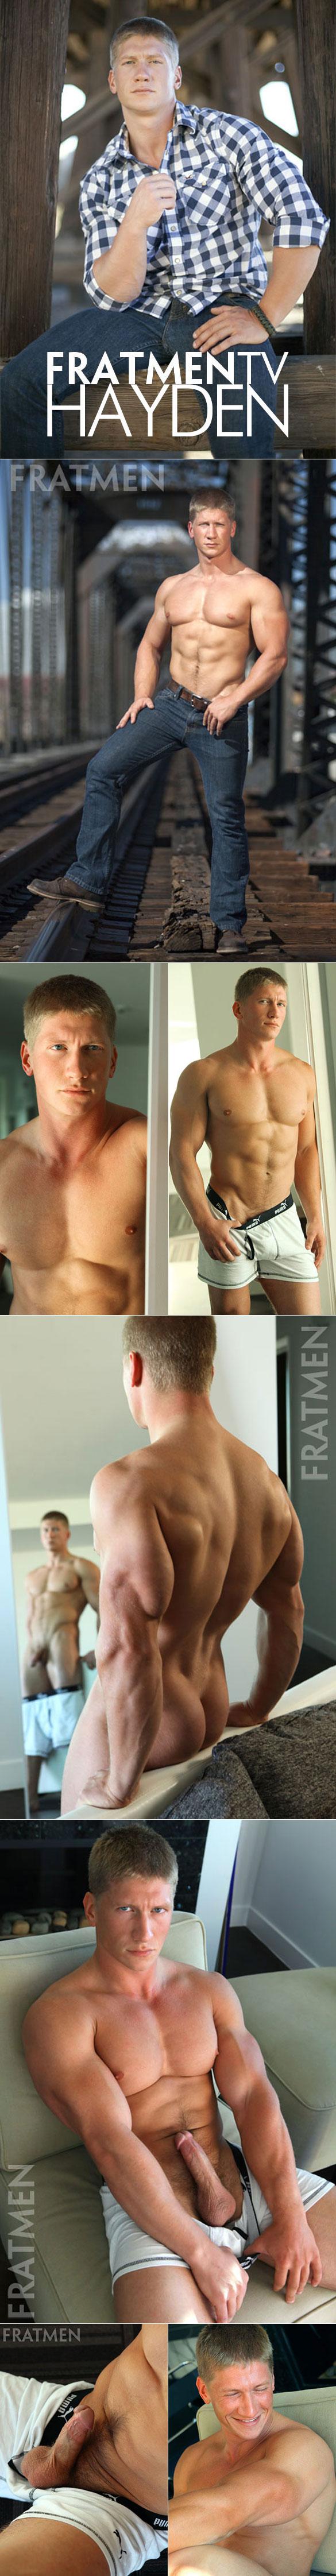 Fratmen.tv: Muscle stud Hayden